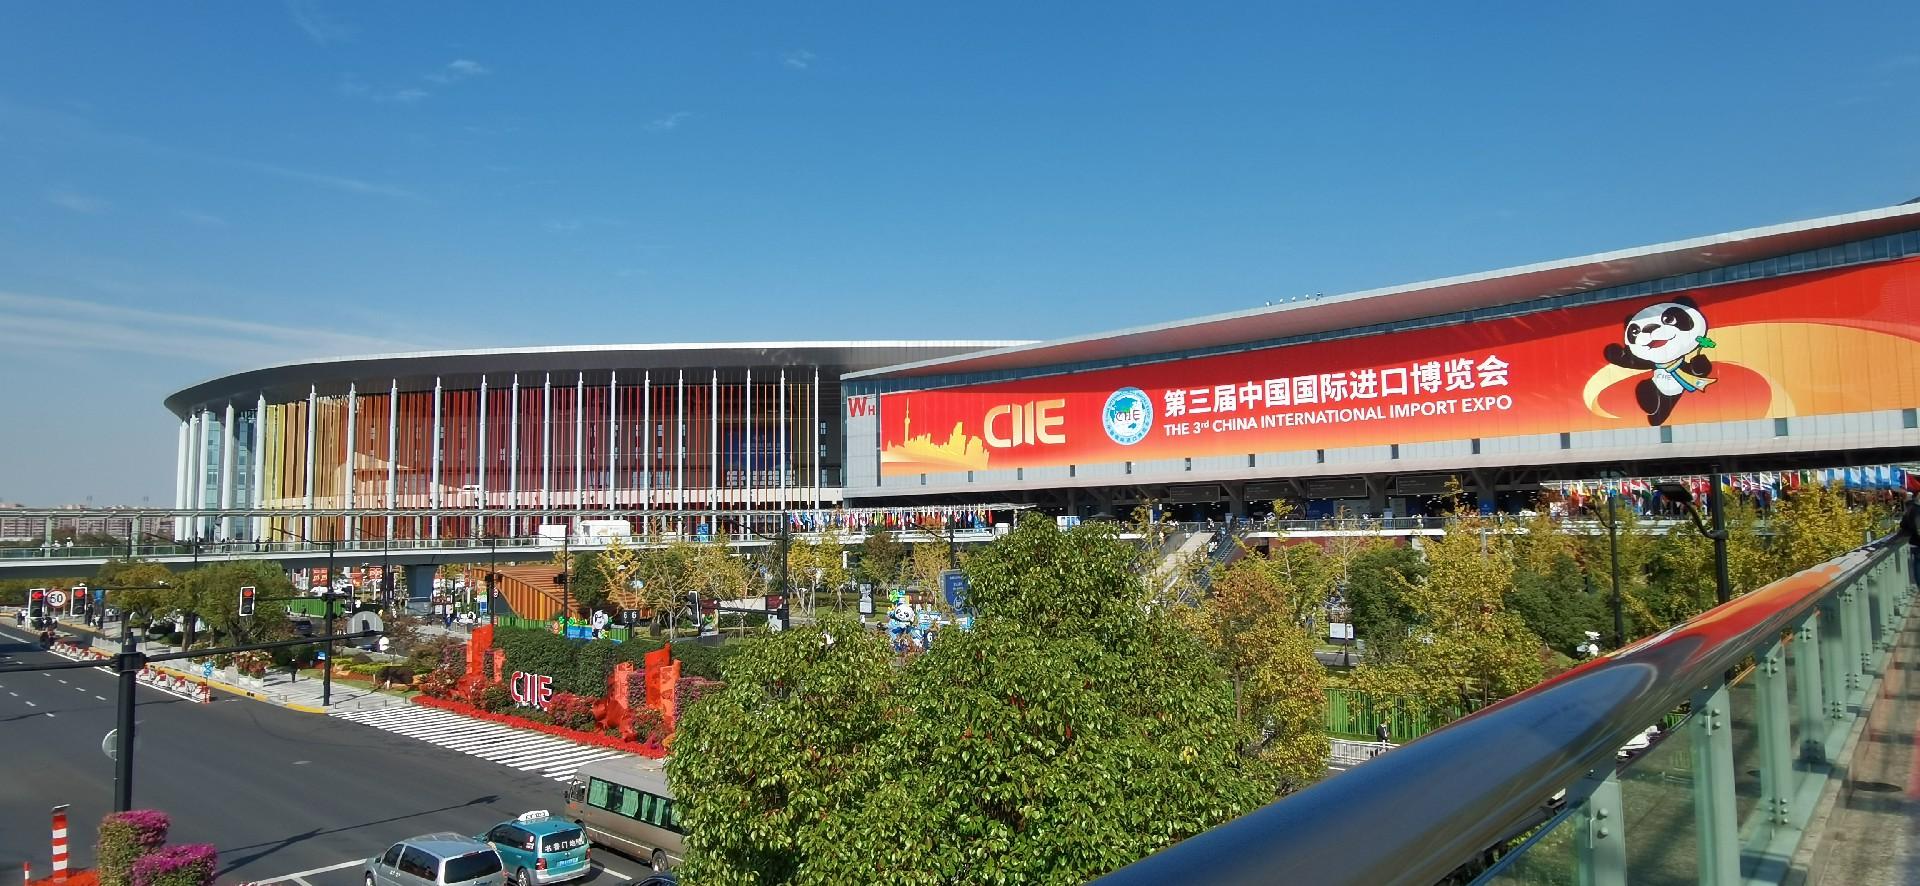 2021年7月上海展会排期